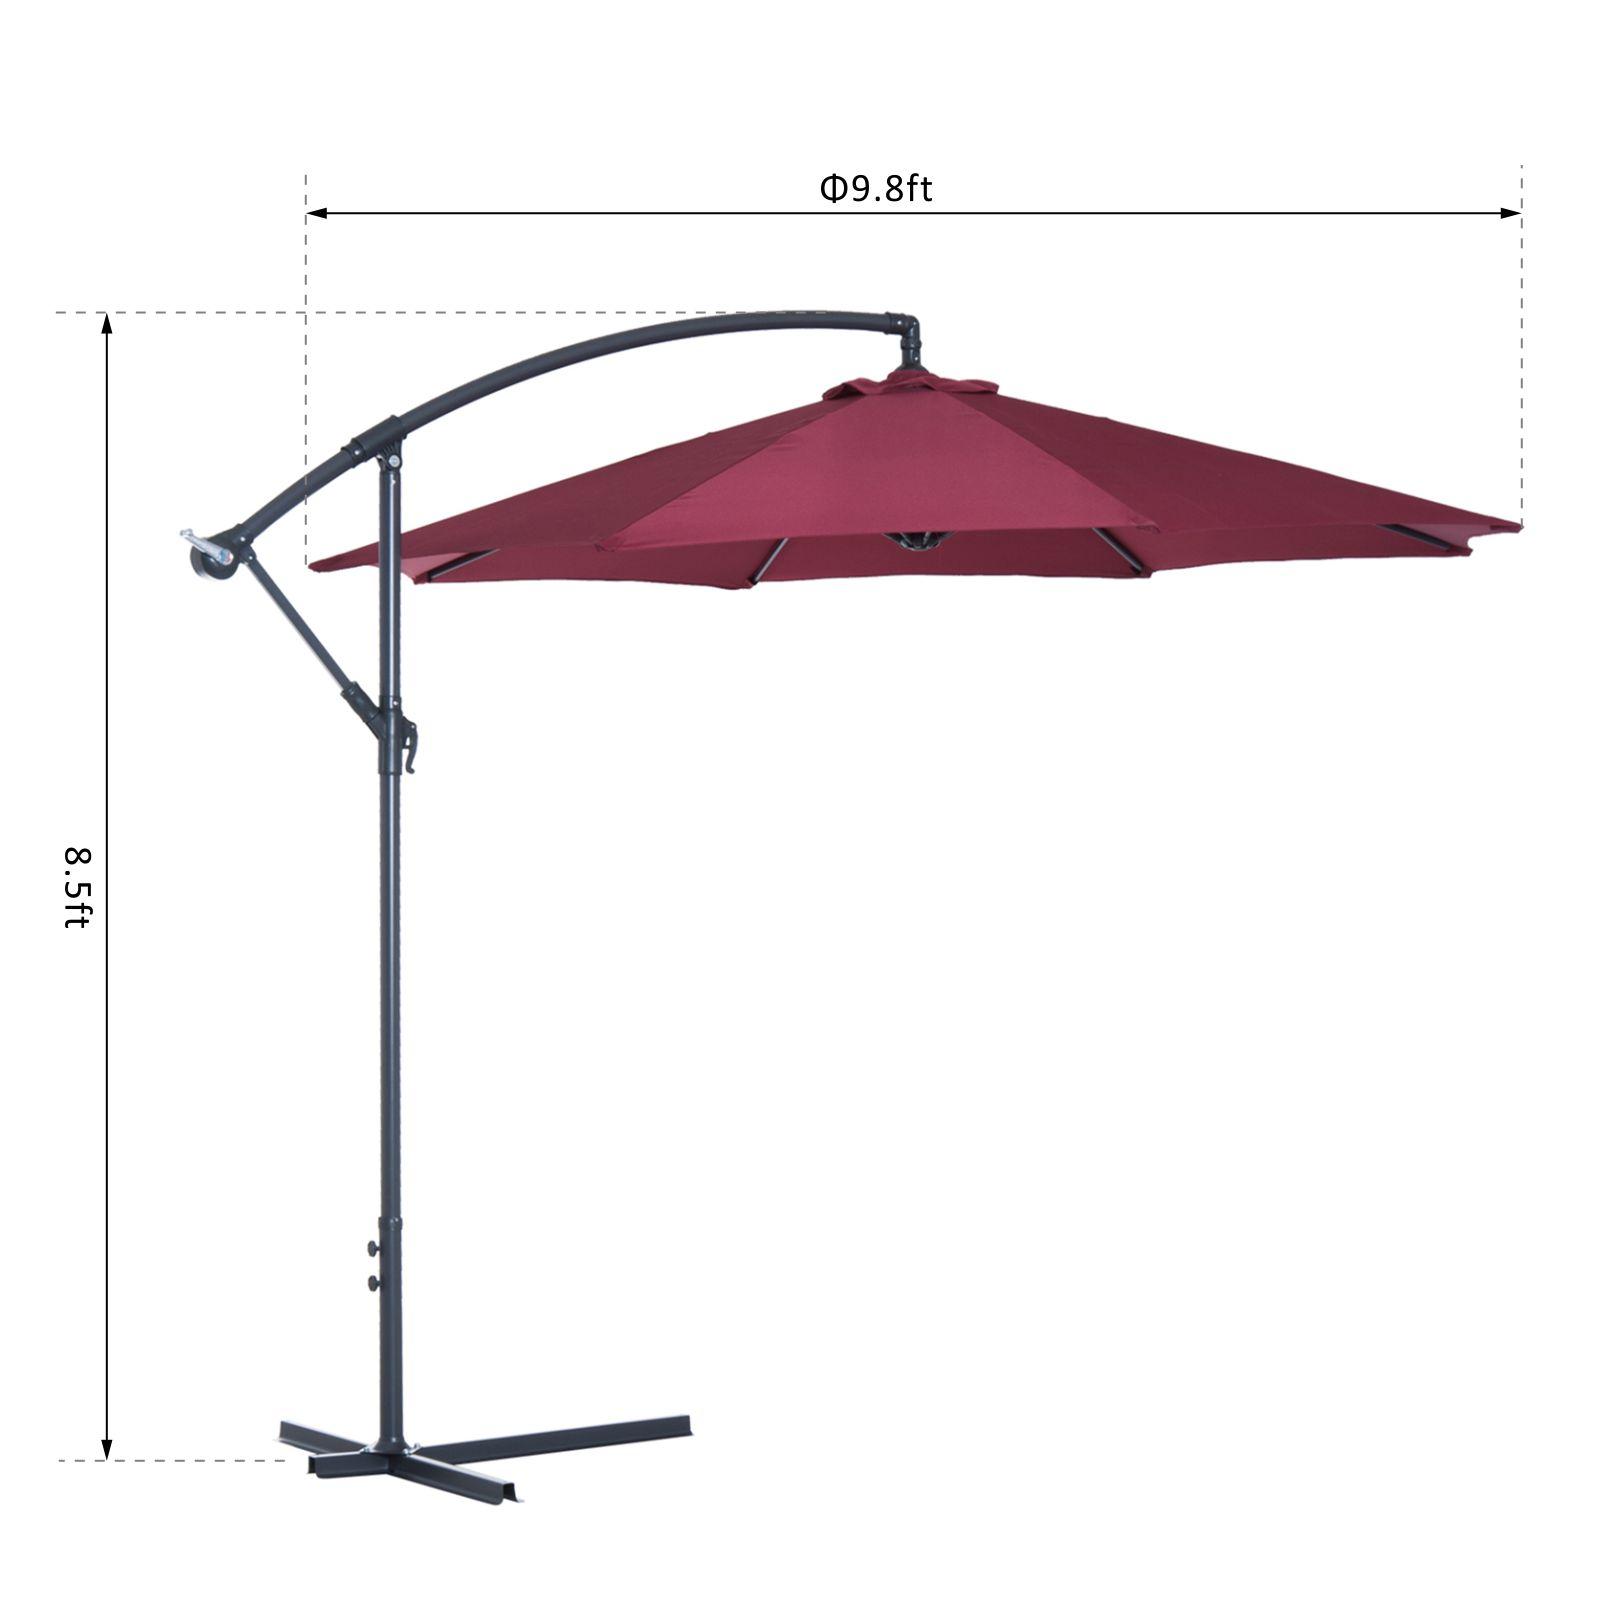 Outsunny-10-039-Deluxe-Patio-Umbrella-Outdoor-Market-Parasol-Banana-Hanging-Offset thumbnail 35